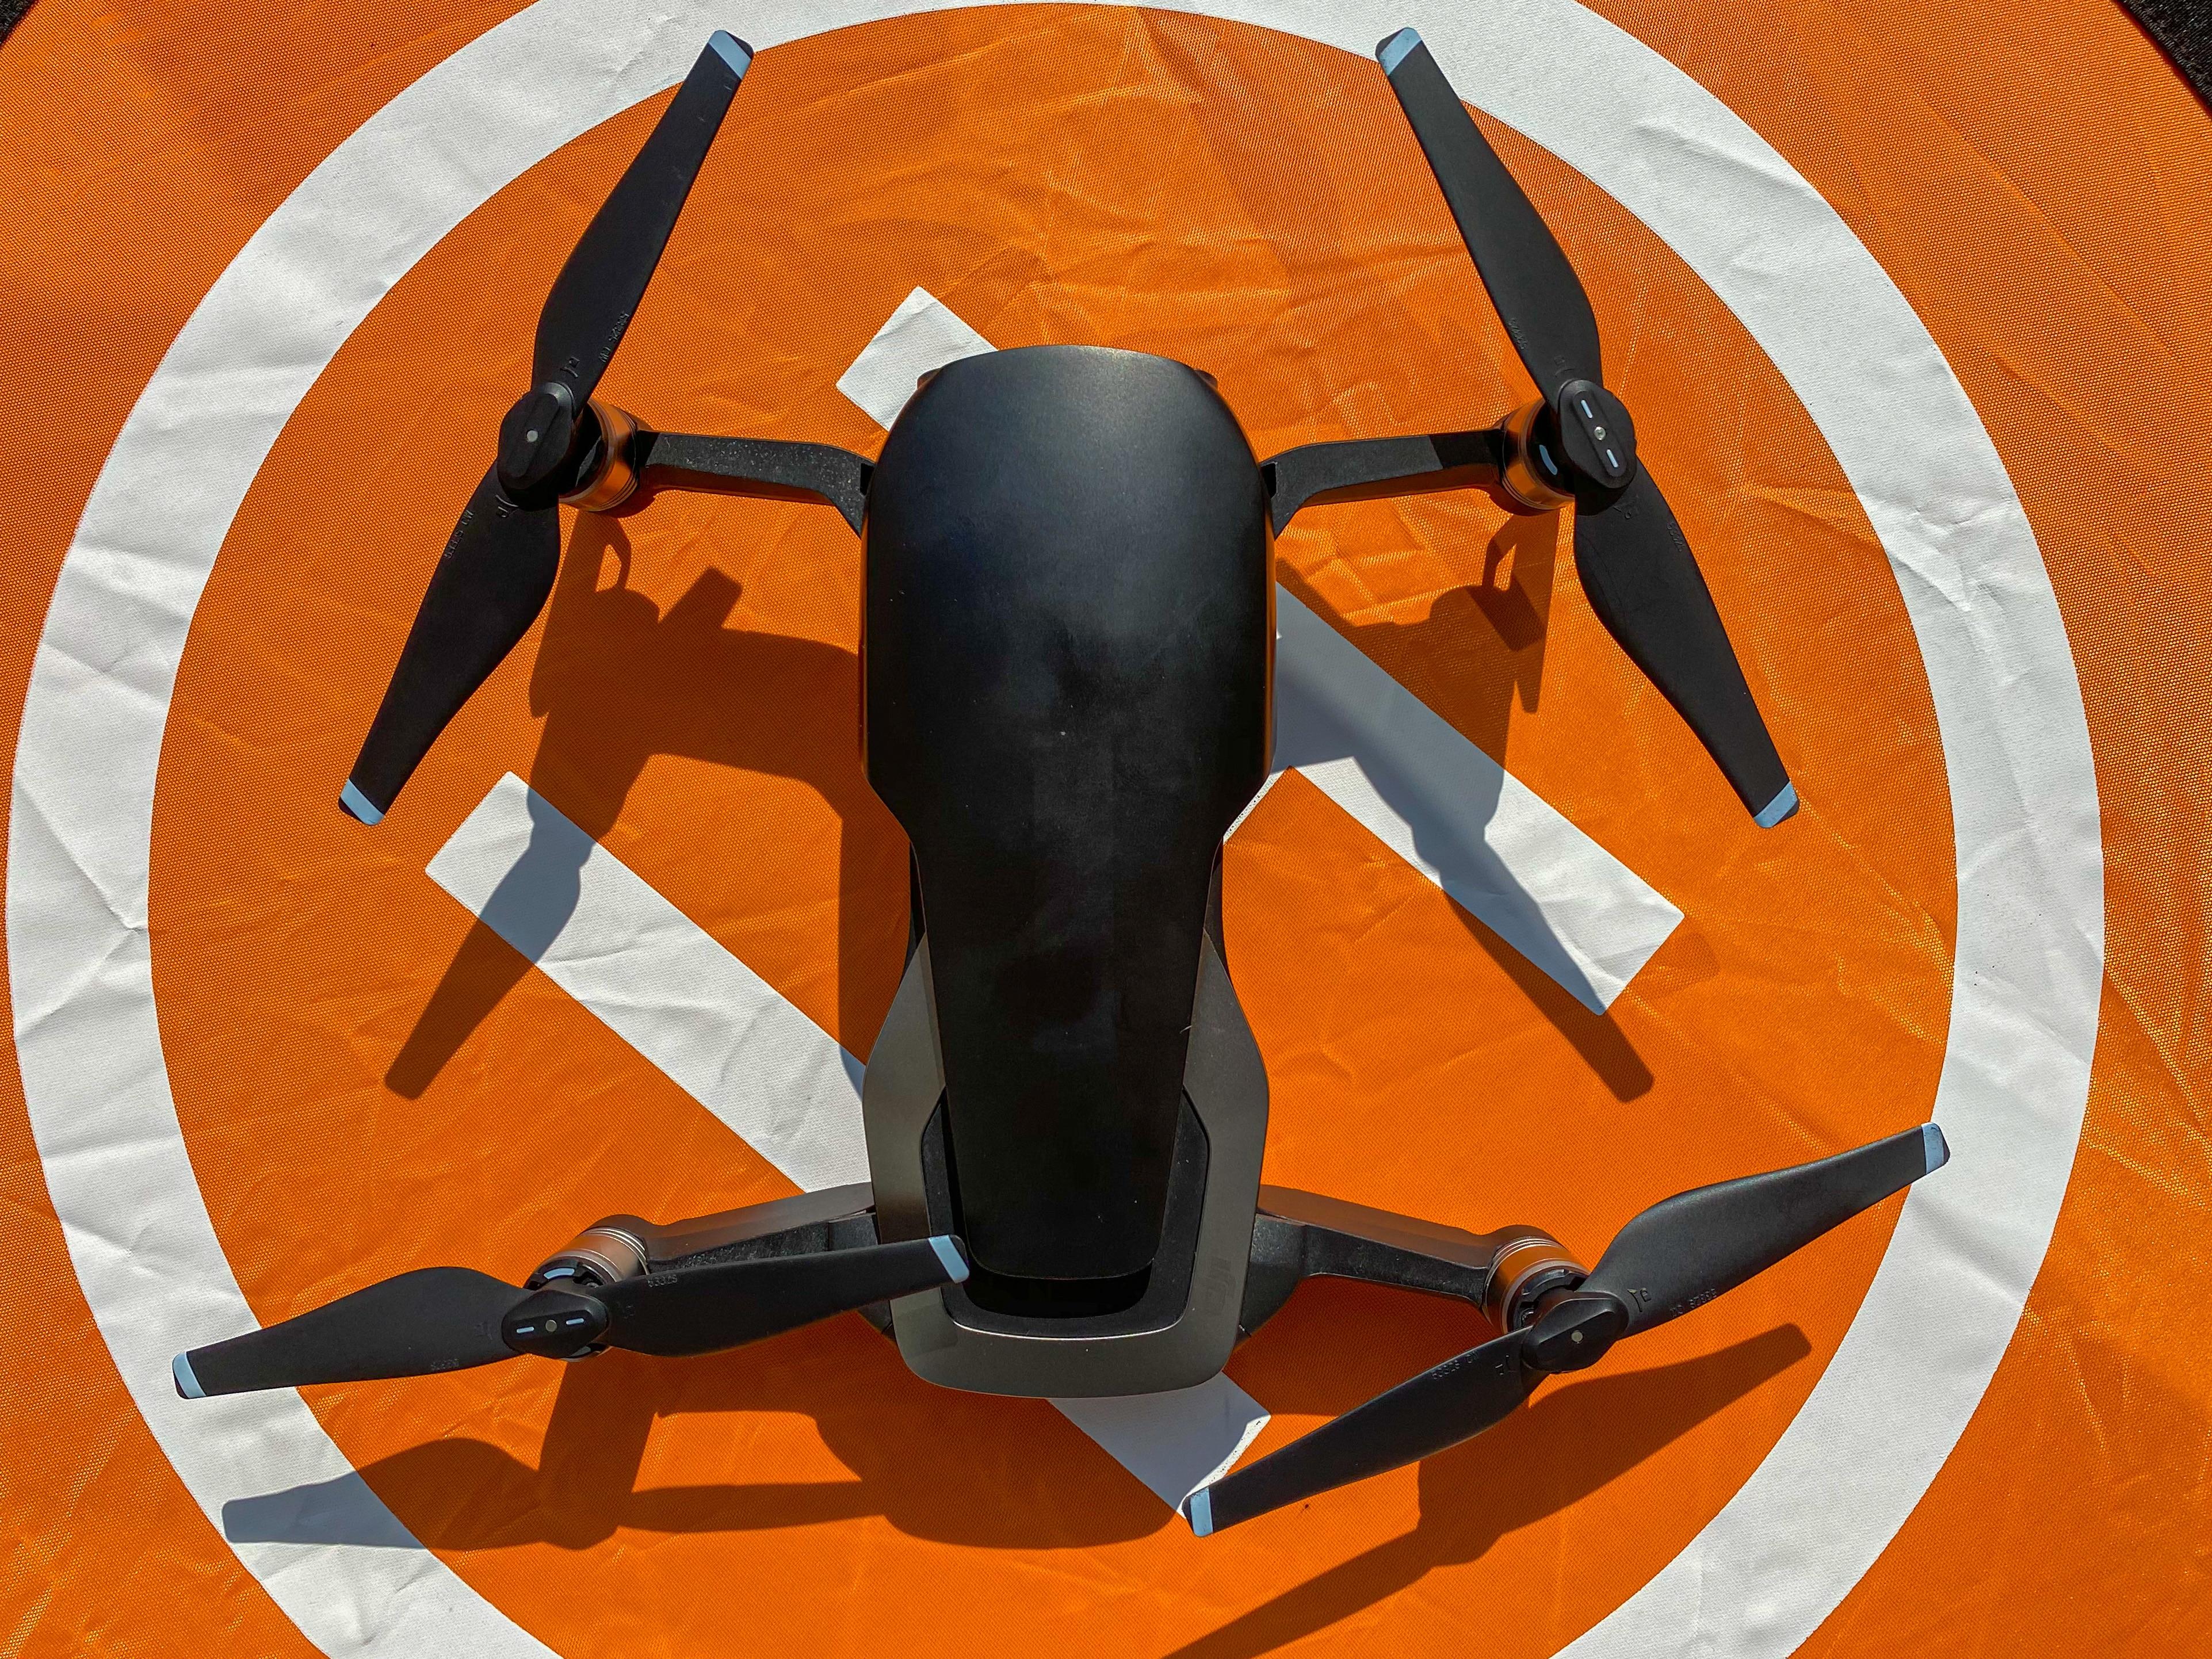 Accessoires pour votre drone - Landing pad